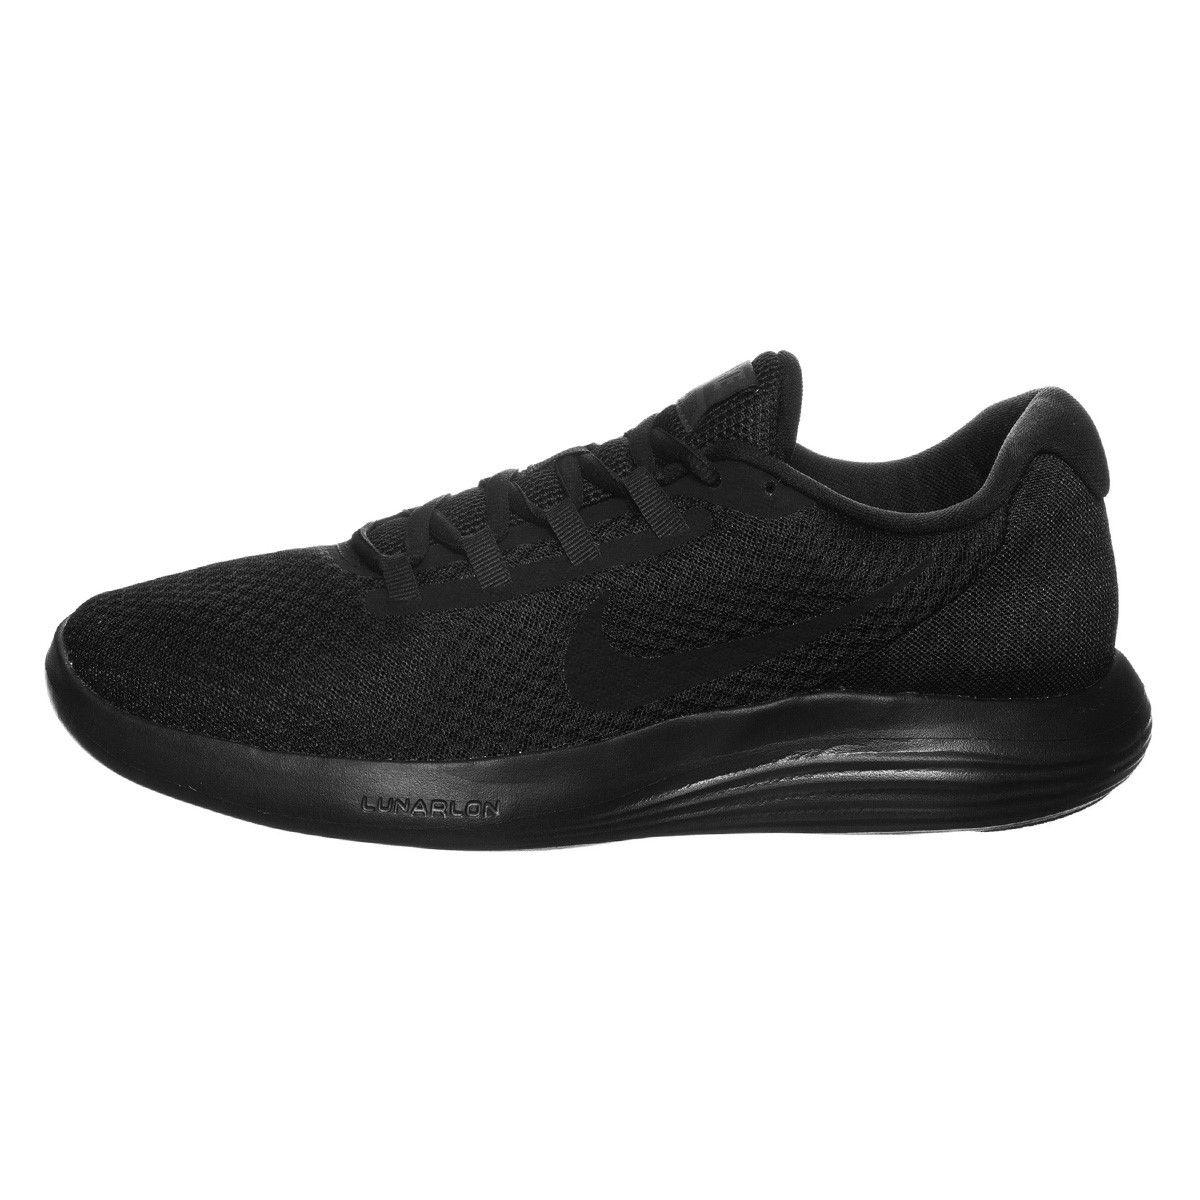 Nike Lunarconverge Spor Ayakkabısı 852462010